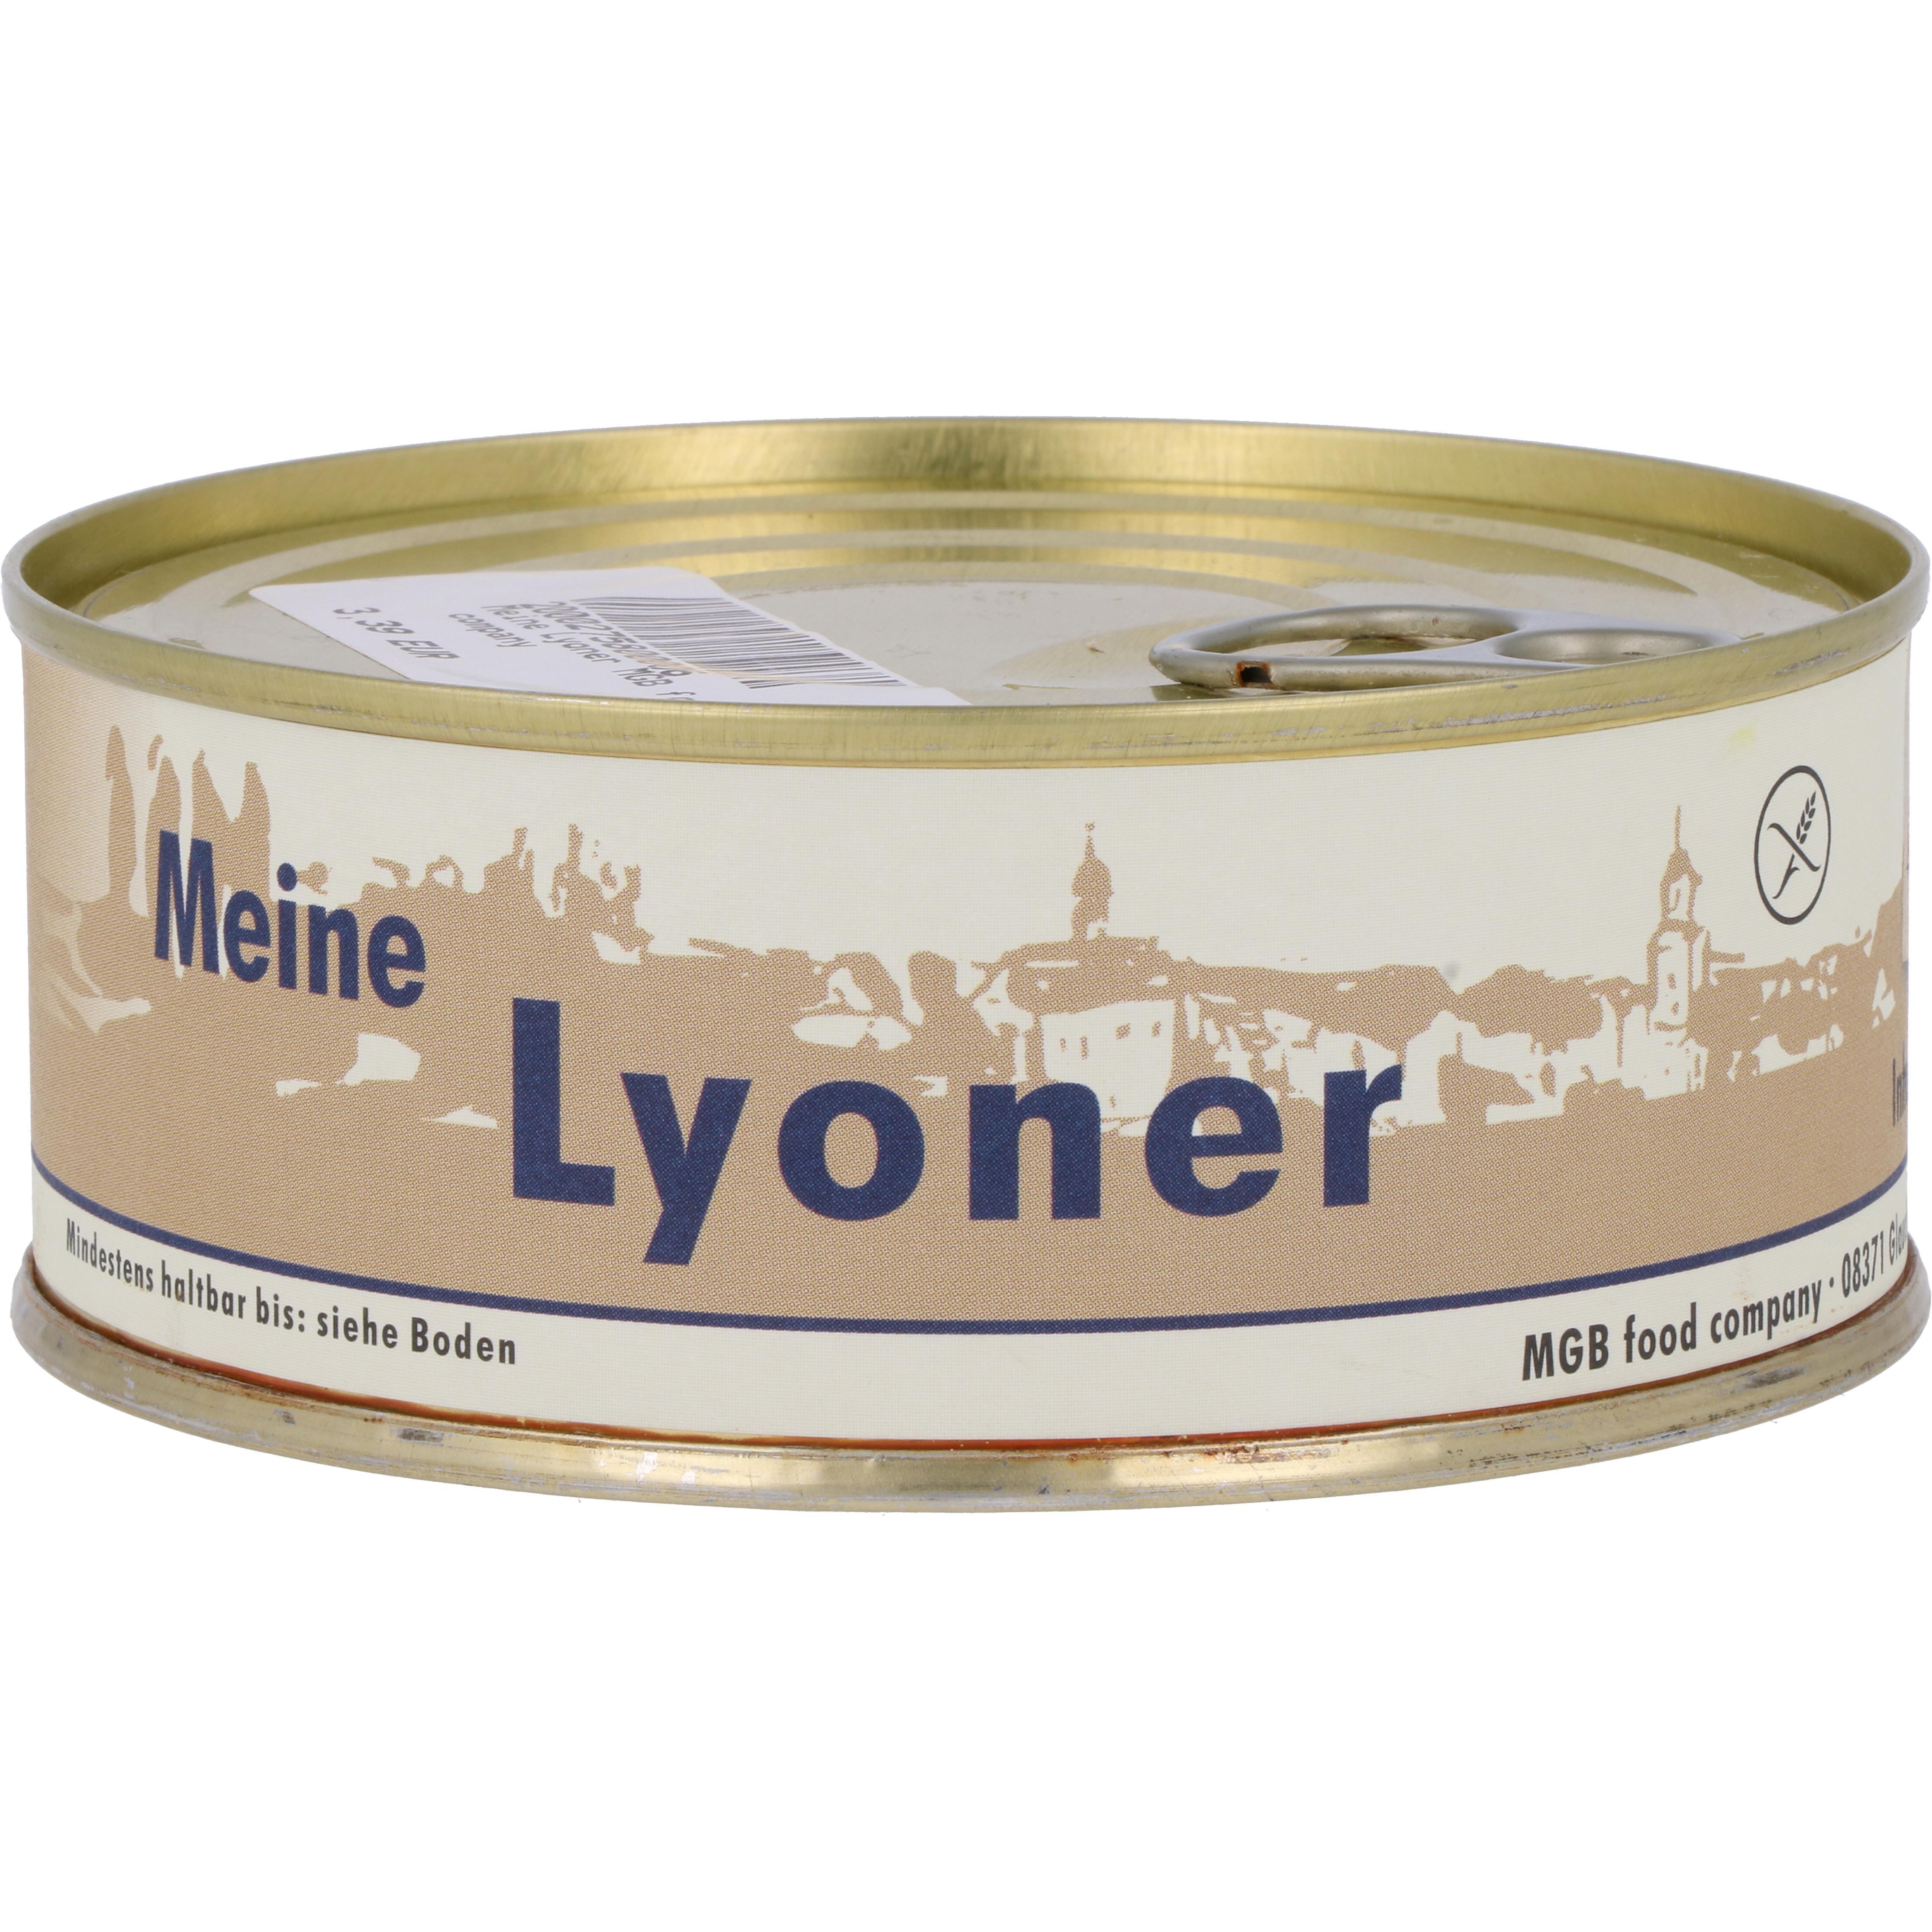 MGB food company Meine Lyoner 220g